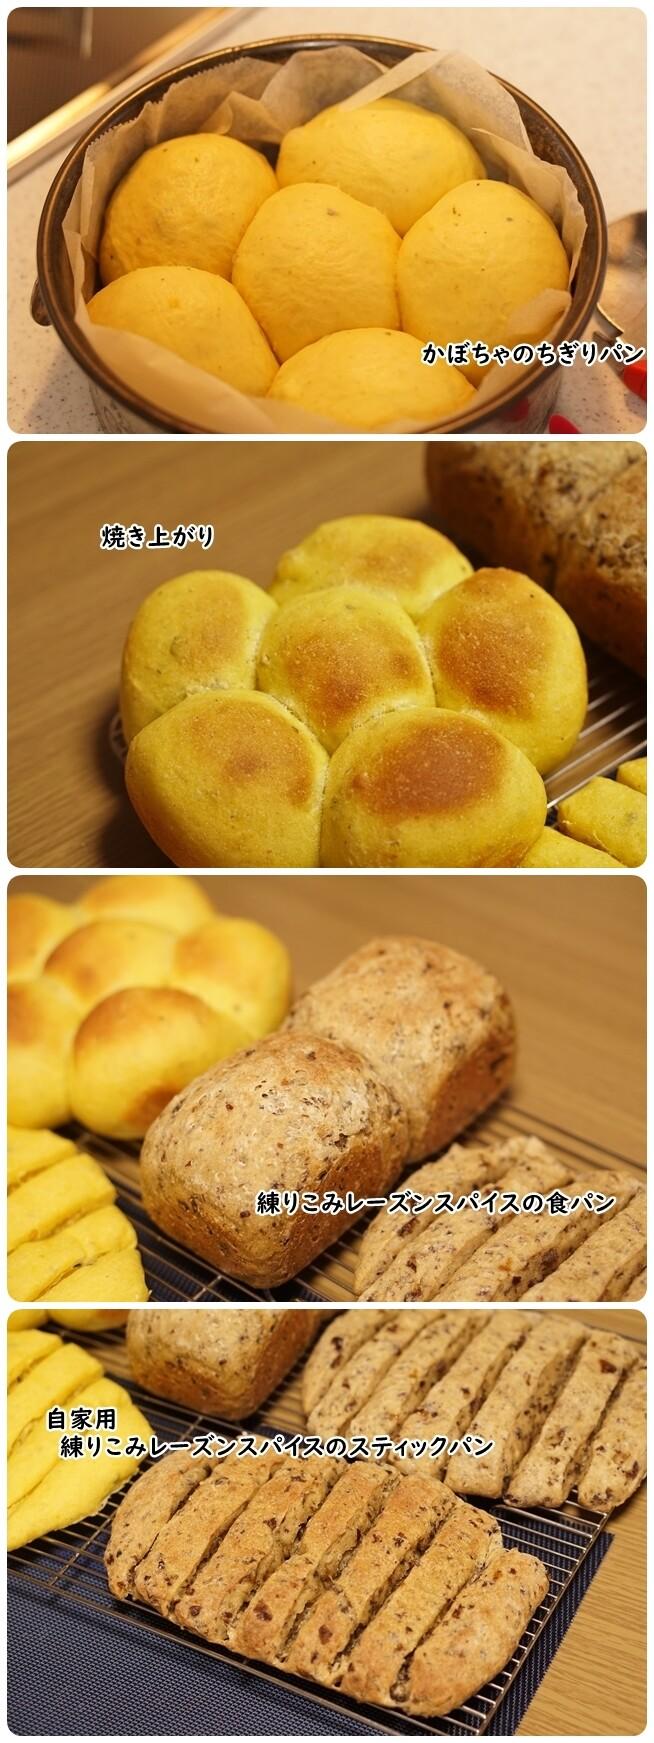 ■パン (1)-vert